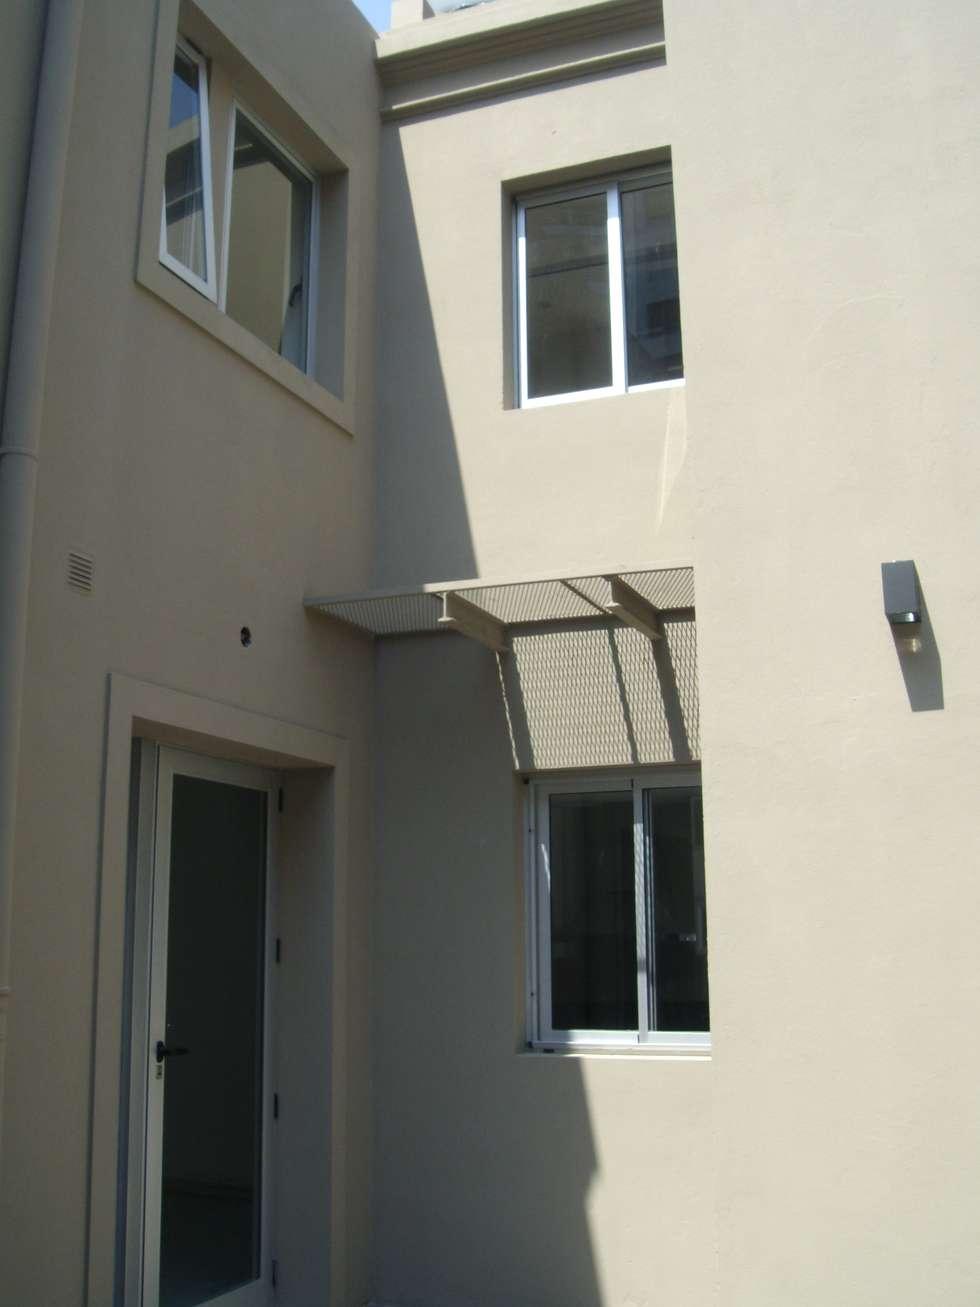 Fachada. Acceso desde el patio : Casas unifamiliares de estilo  por NG Estudio